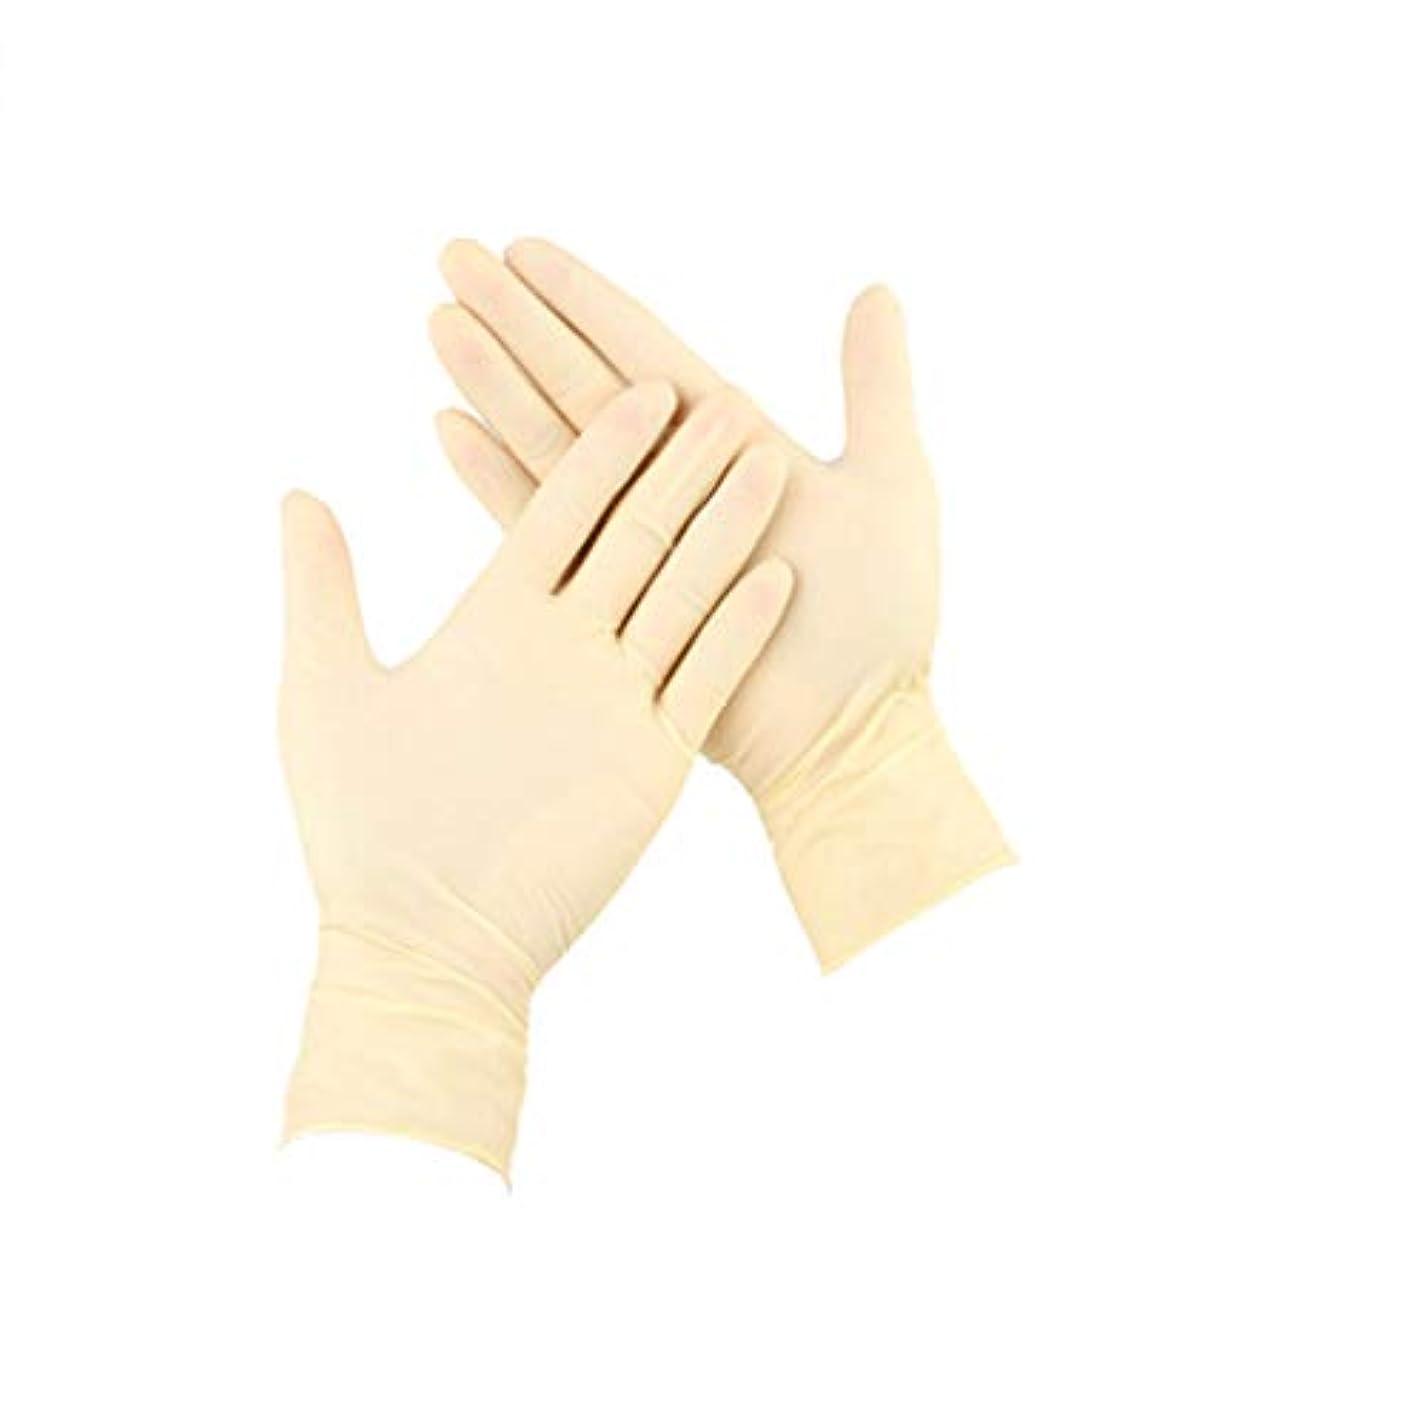 地平線ペグ新しさグローブ使い捨てラテックス手袋ゴム保護手袋は、静電気防止キッチンケータリングクリームイエローラテックス100個をチェックする (サイズ さいず : S s)